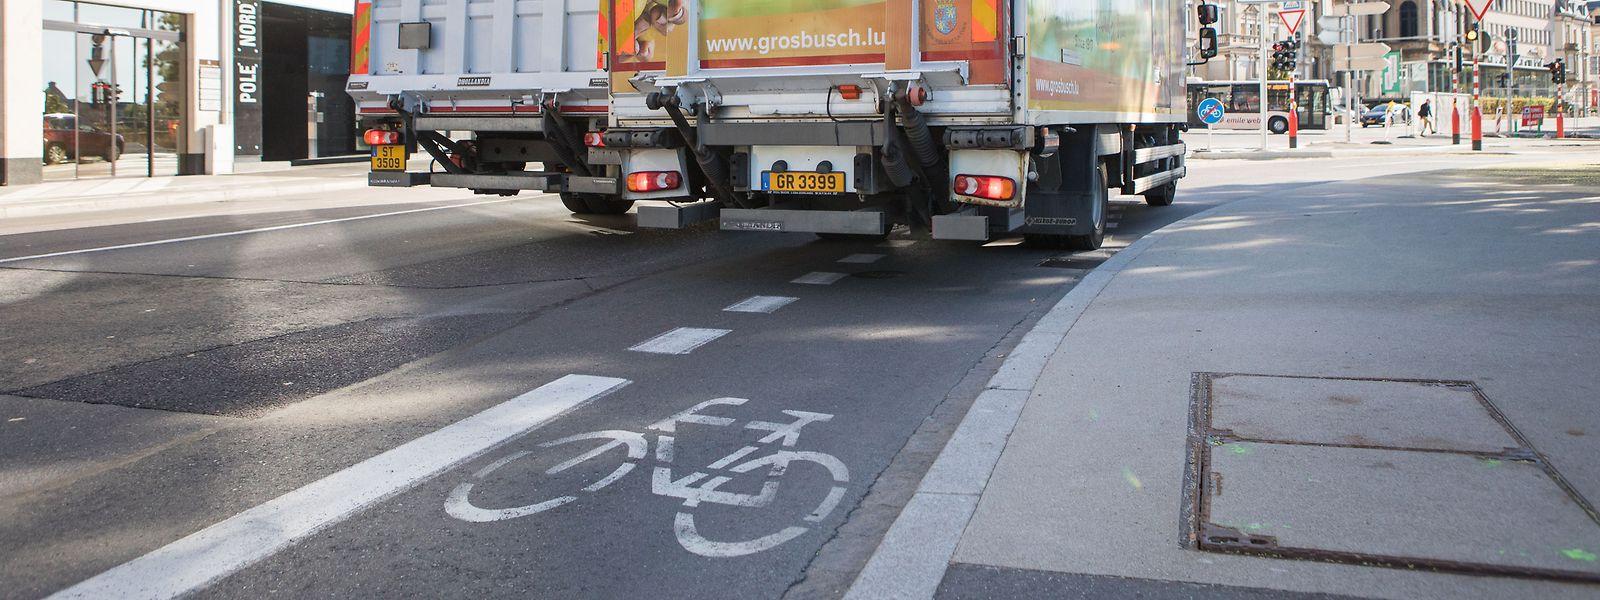 Eine neue Onlinekarte zeigt die 170 Kilometer Radwege in der Hauptstadt.